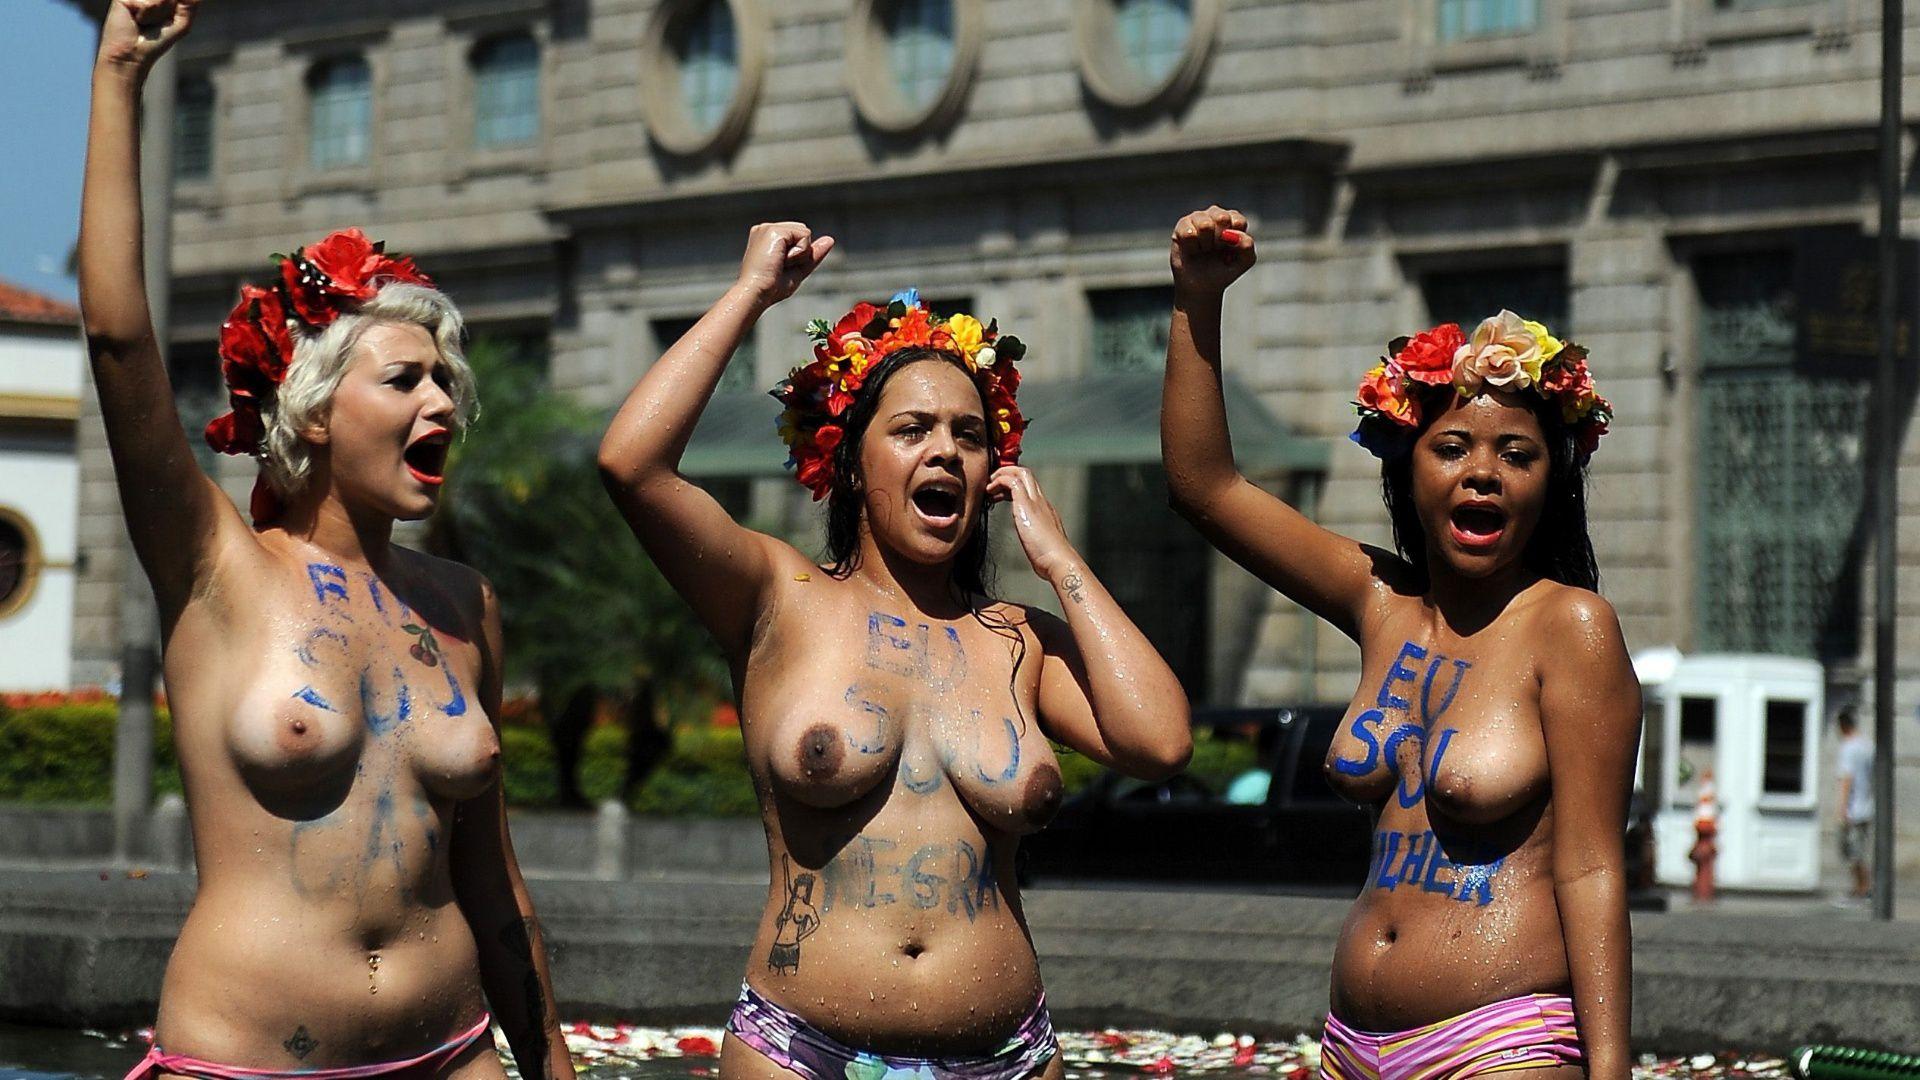 Проститутки бразилия проститутки холодильник